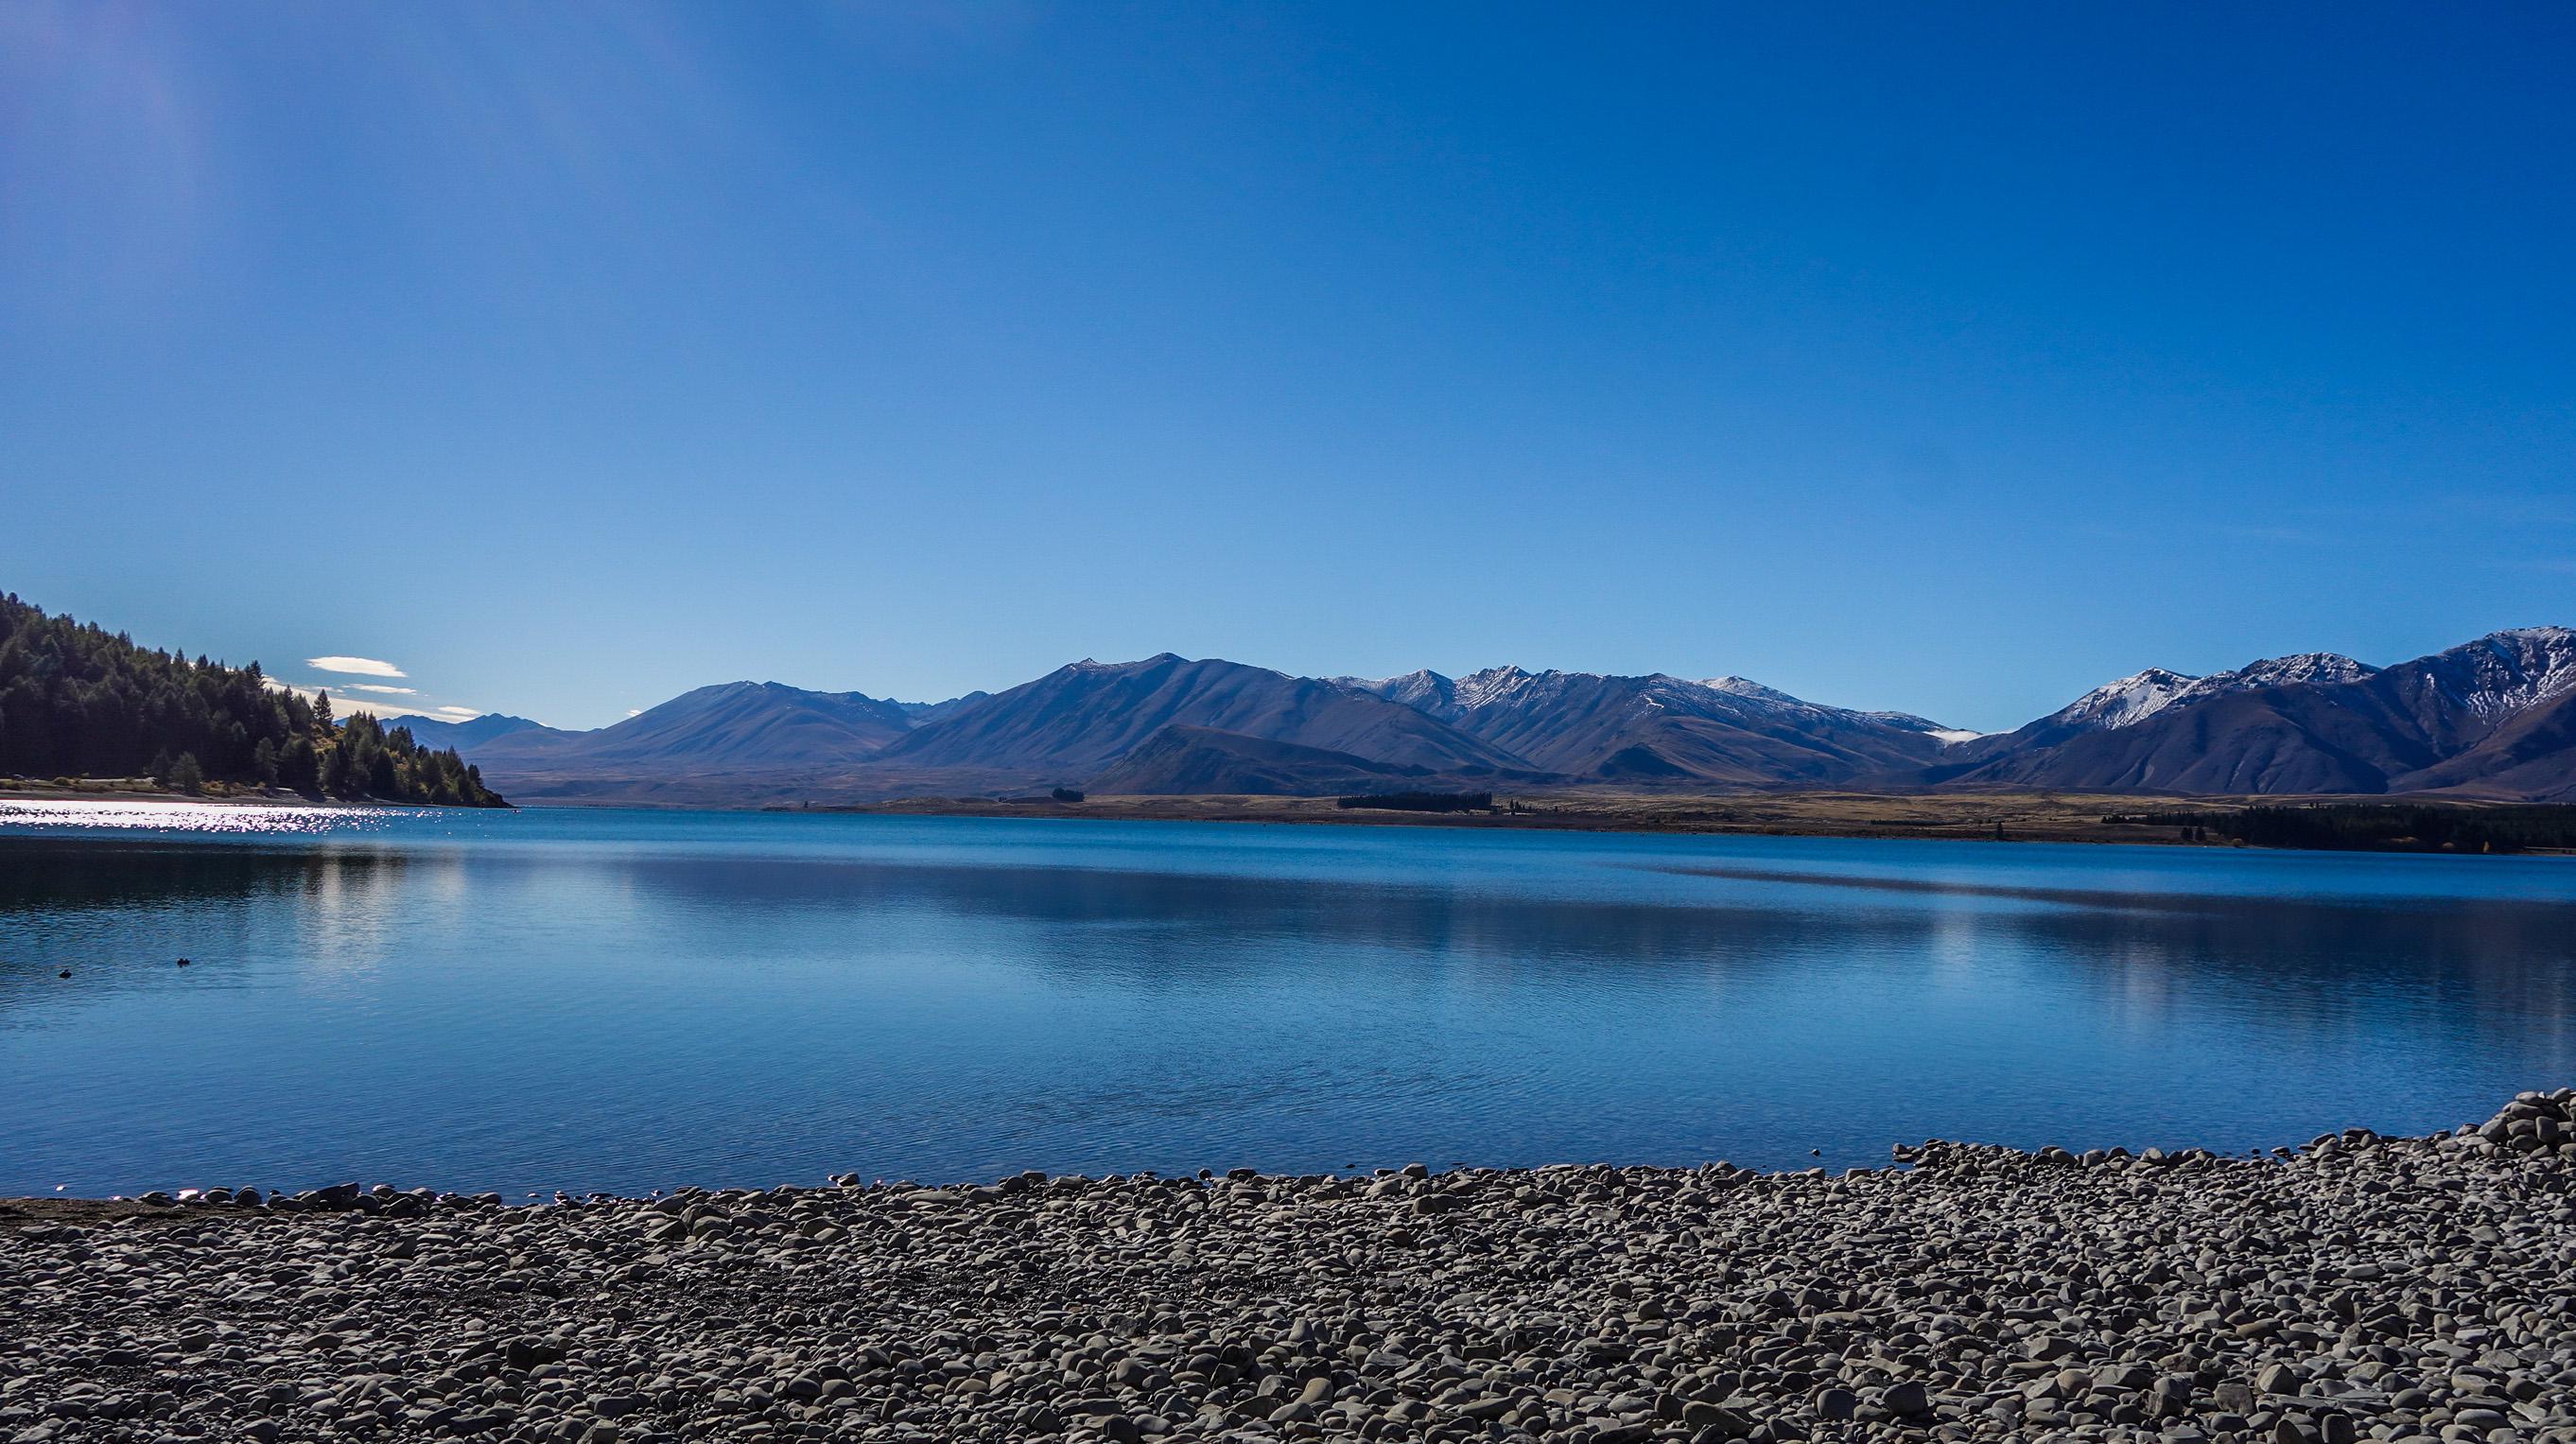 Le Lac Tekapo en Nouvelle-Zélande